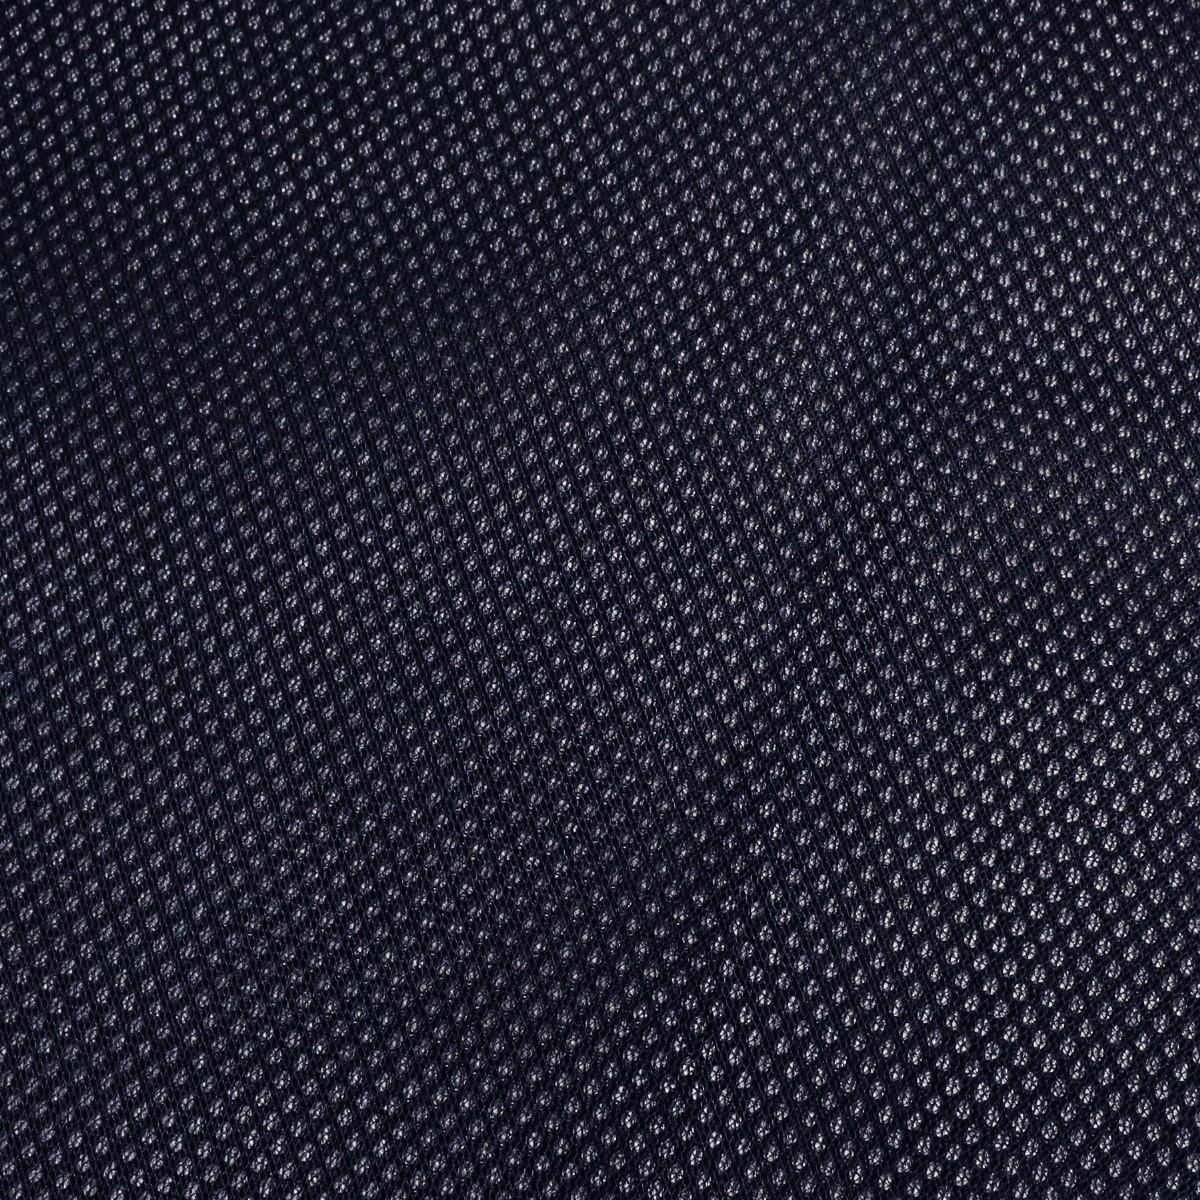 Tissu Acoustique Mural (Dark Blue) 140x100cm